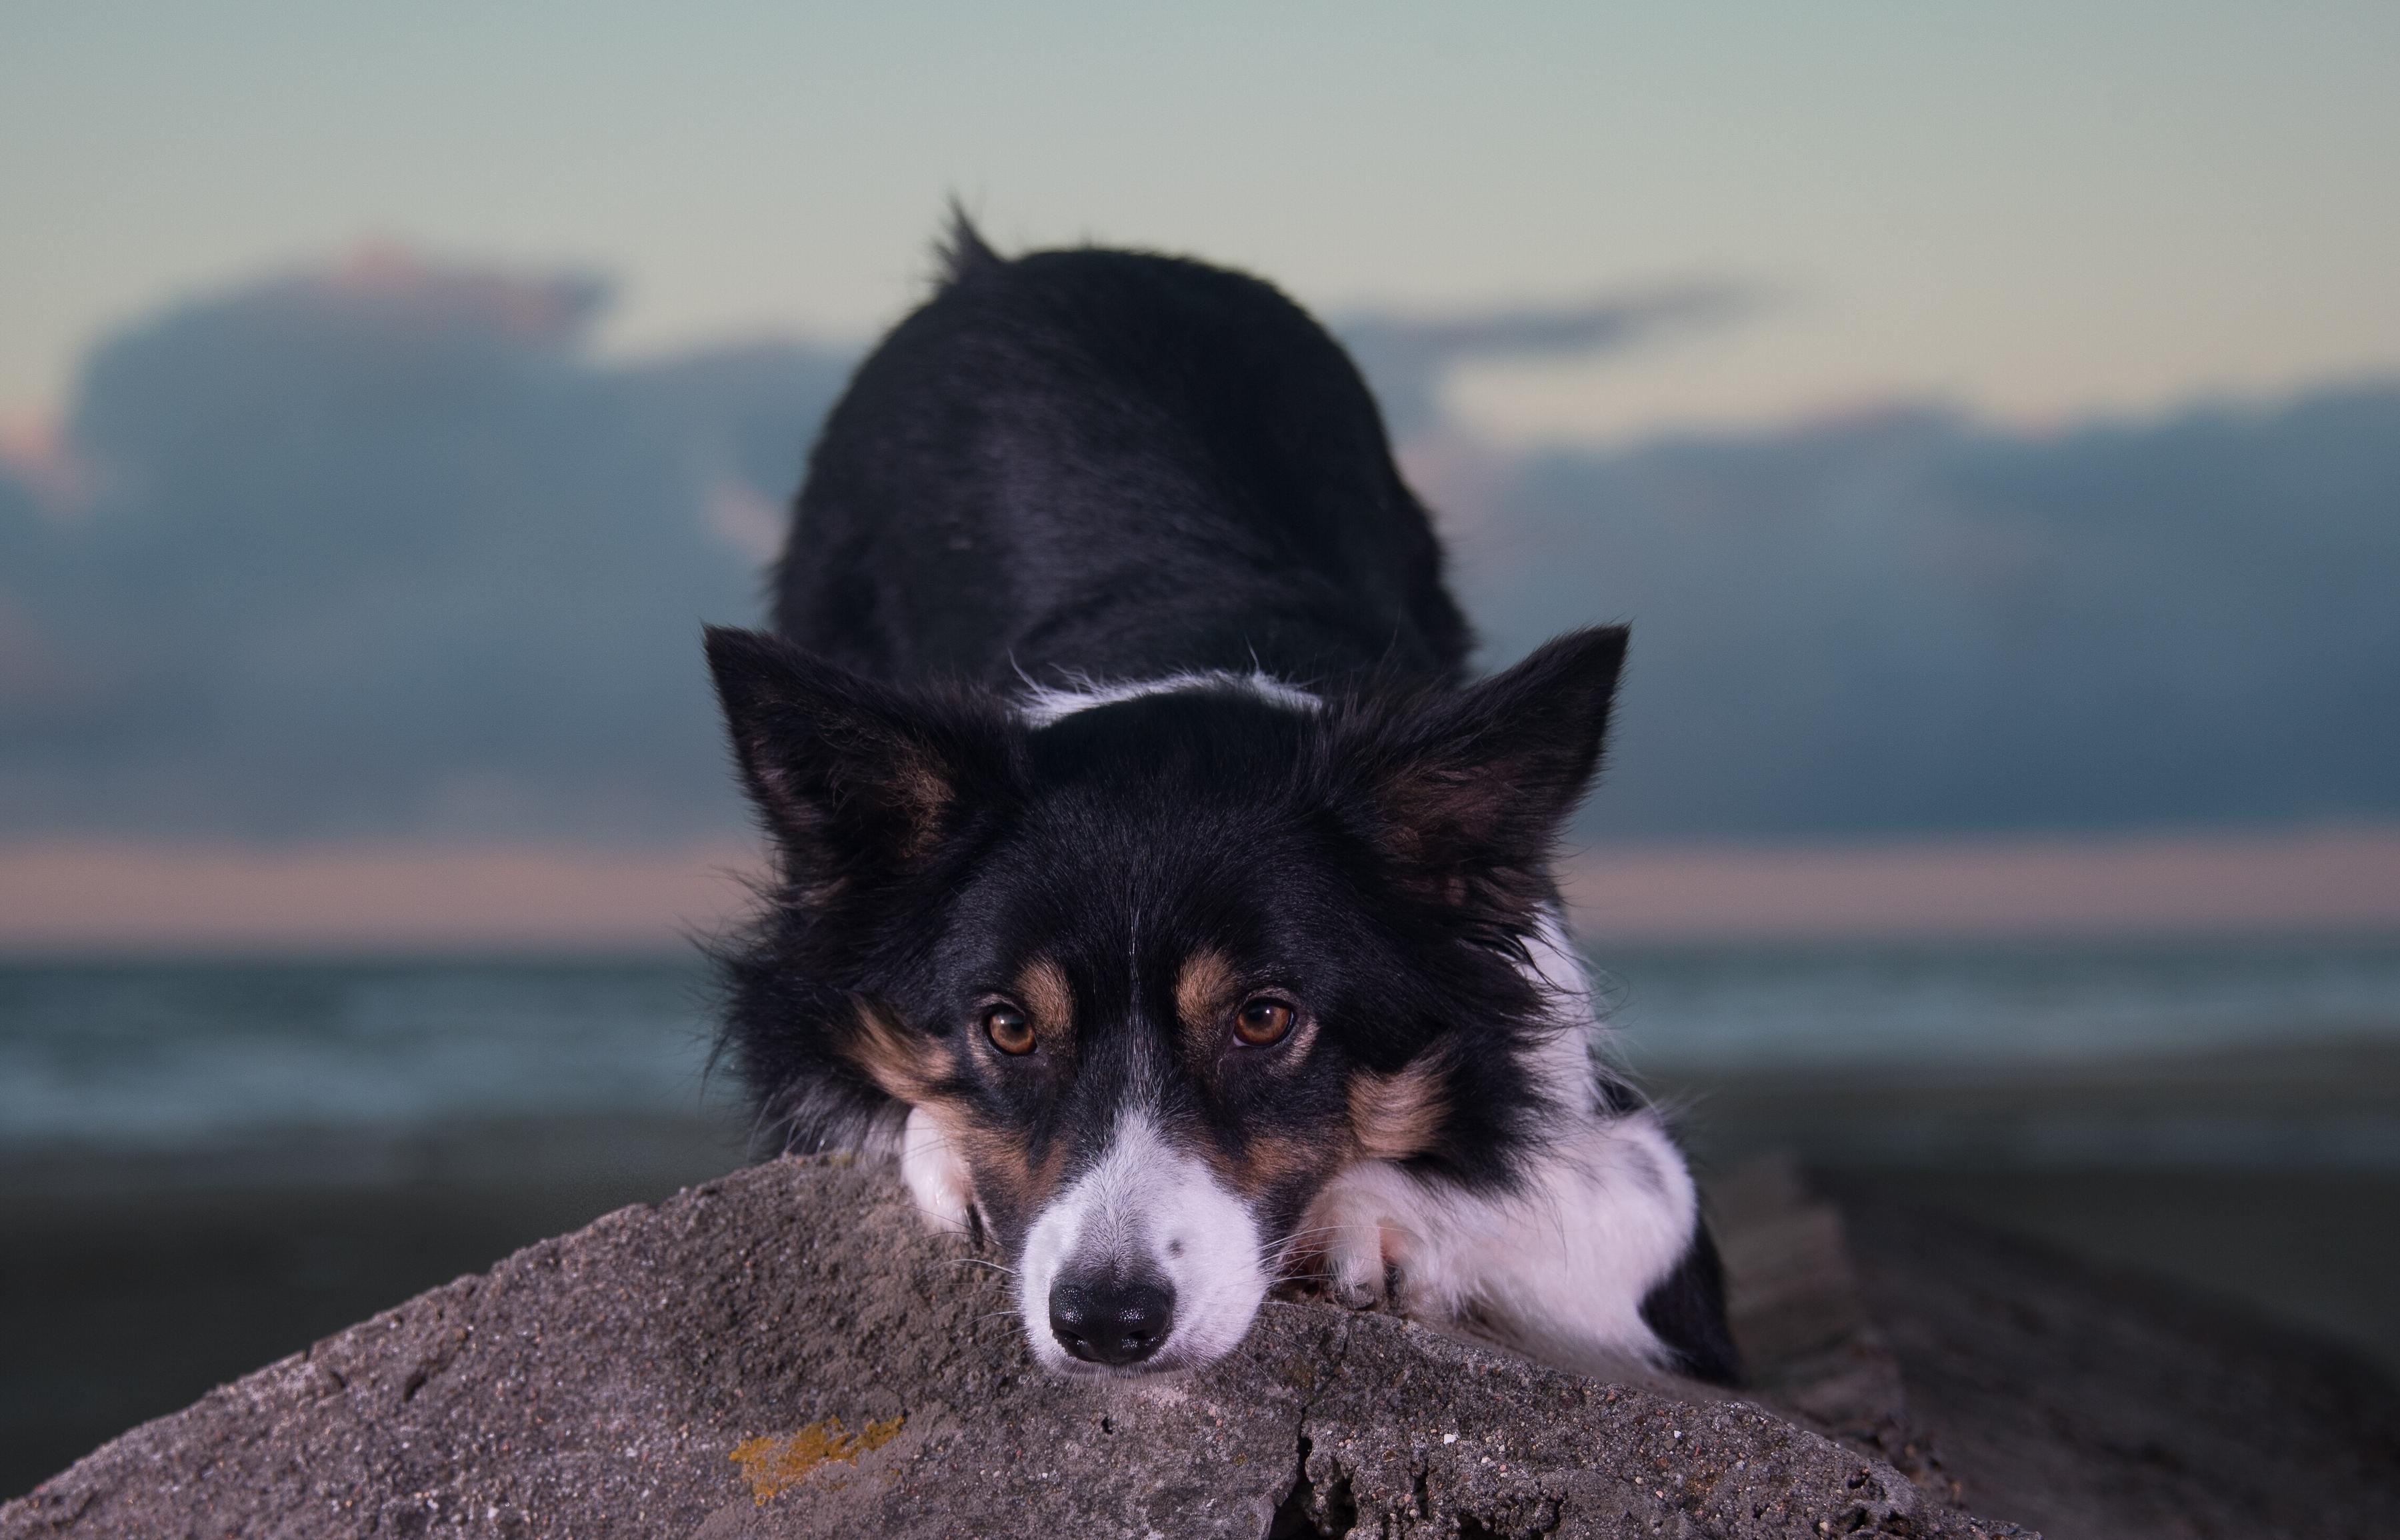 Dog Muzzle Stone 3600x2310